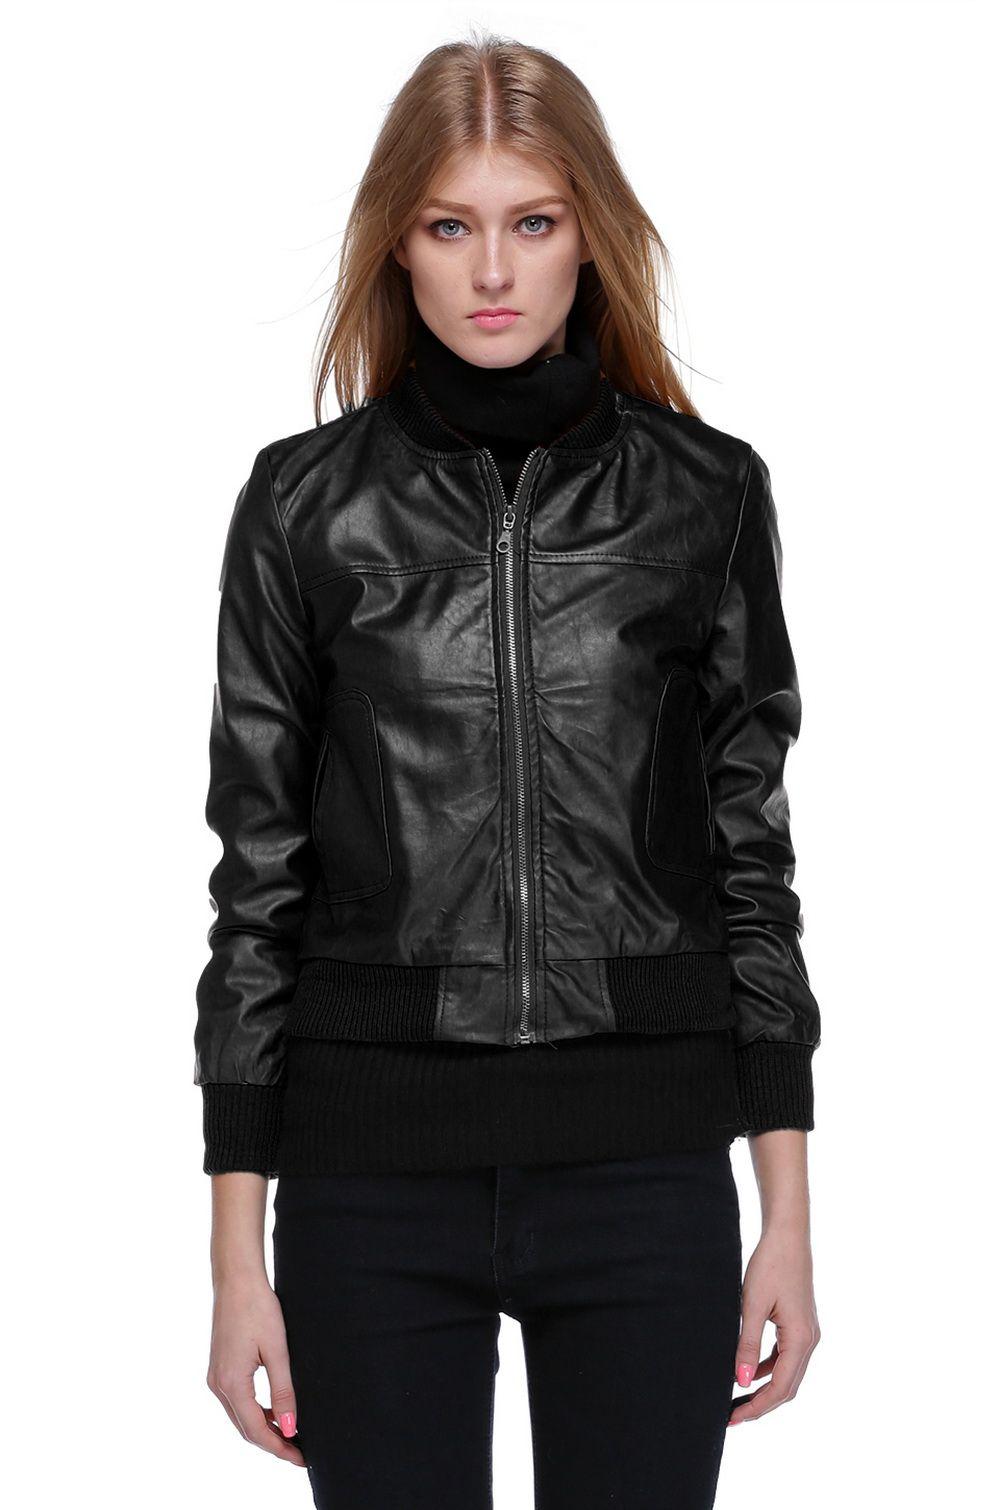 Кожаные Куртки Женские 2013